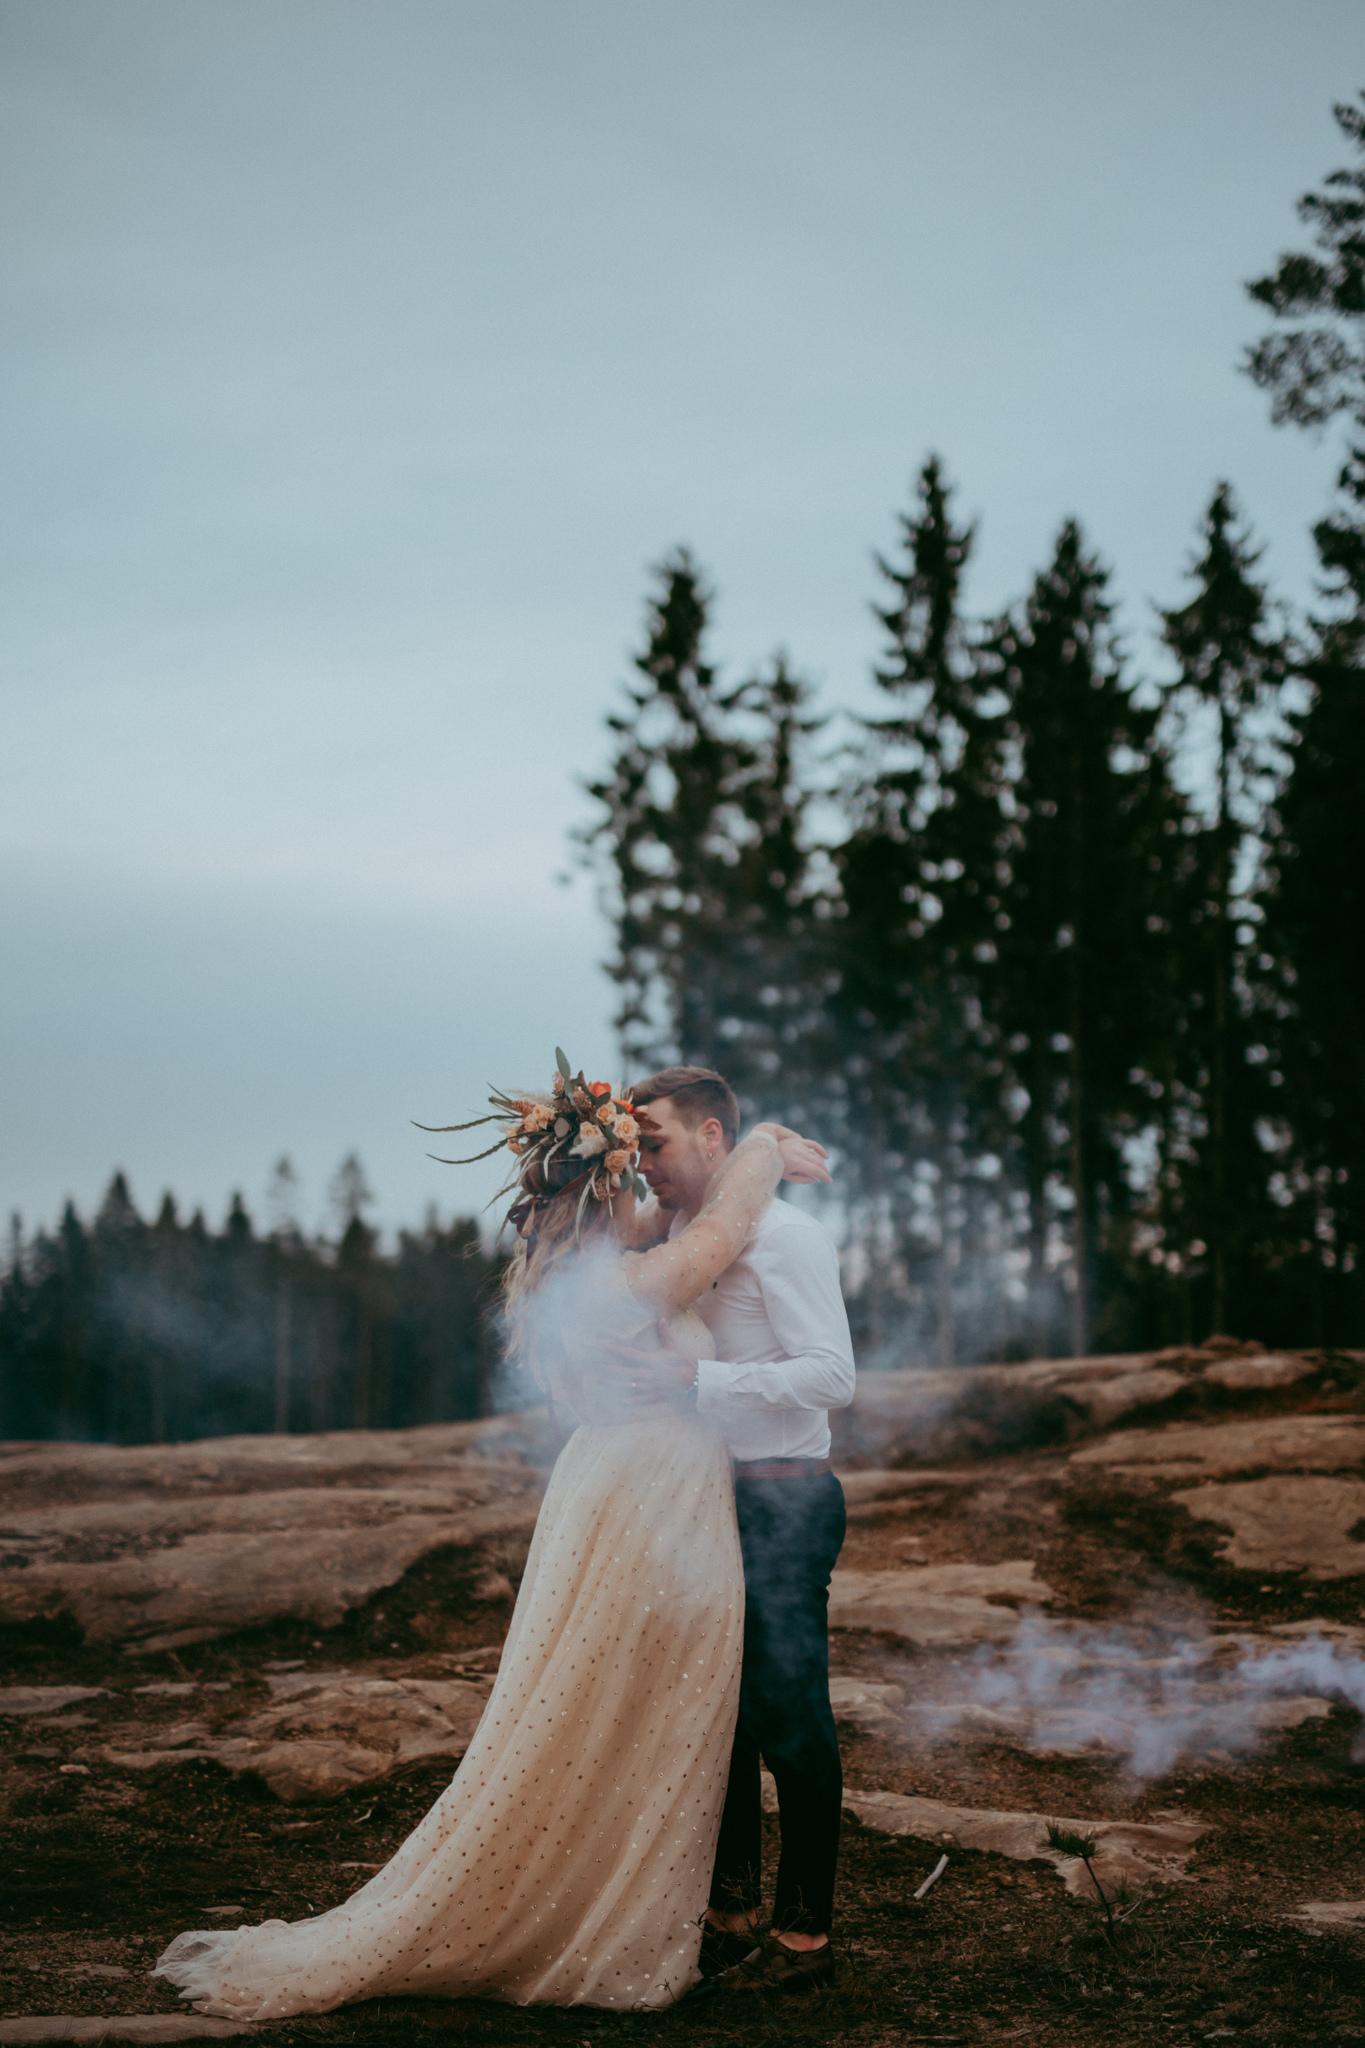 Fotograf: Maria Broström